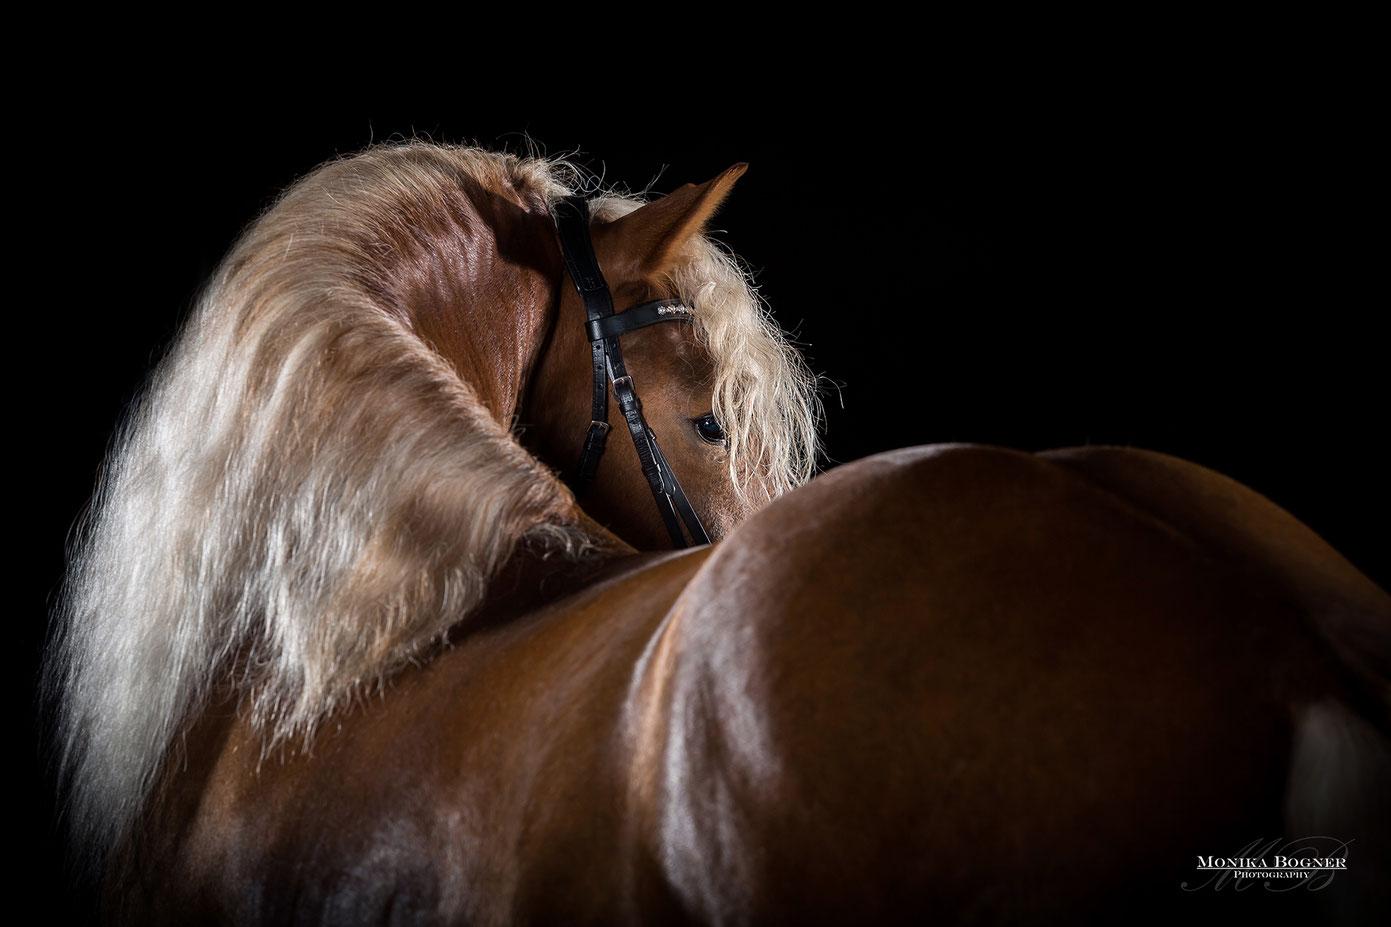 Kaltblut, Pferde im Studio, vor schwarzem Hintergrund